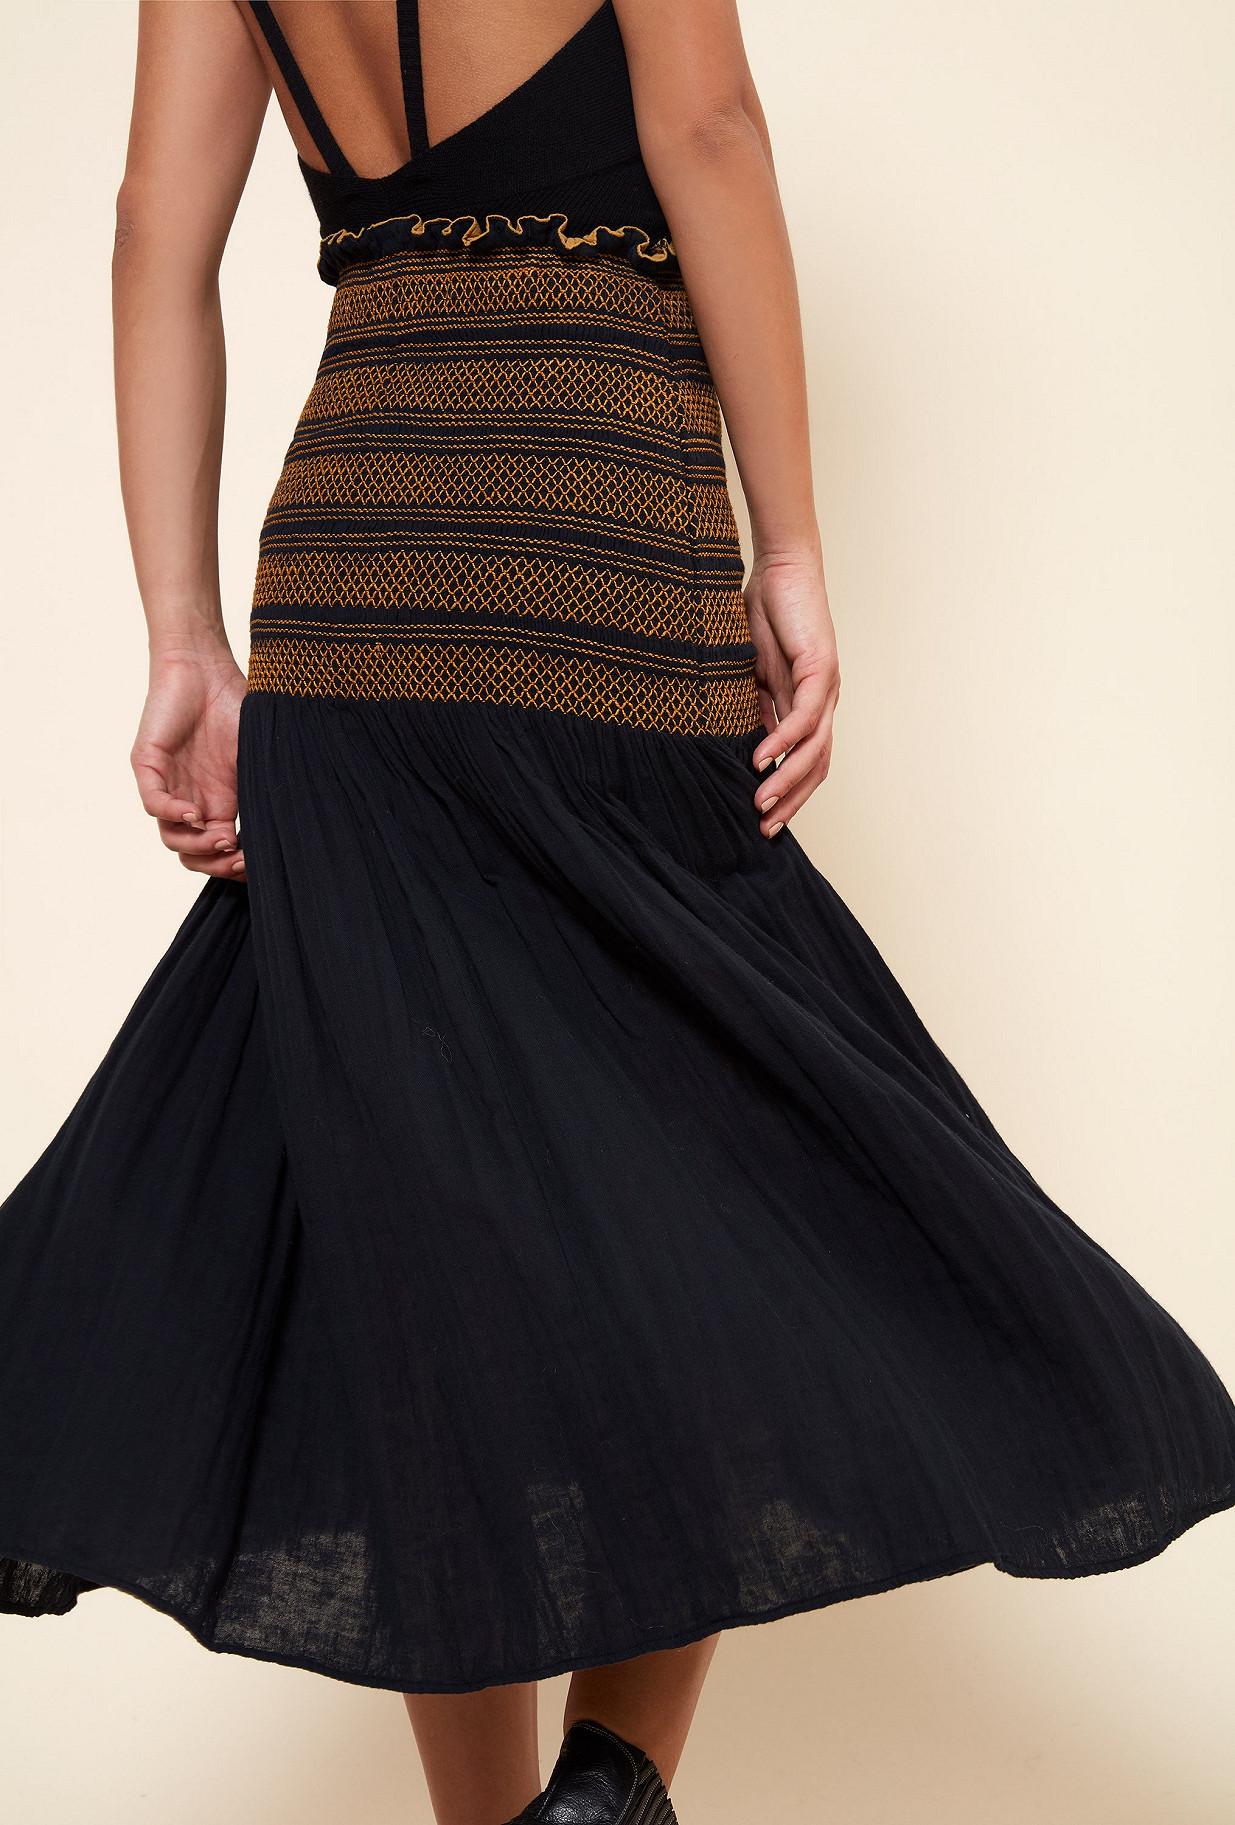 Black  Skirt  Toinette Mes demoiselles fashion clothes designer Paris